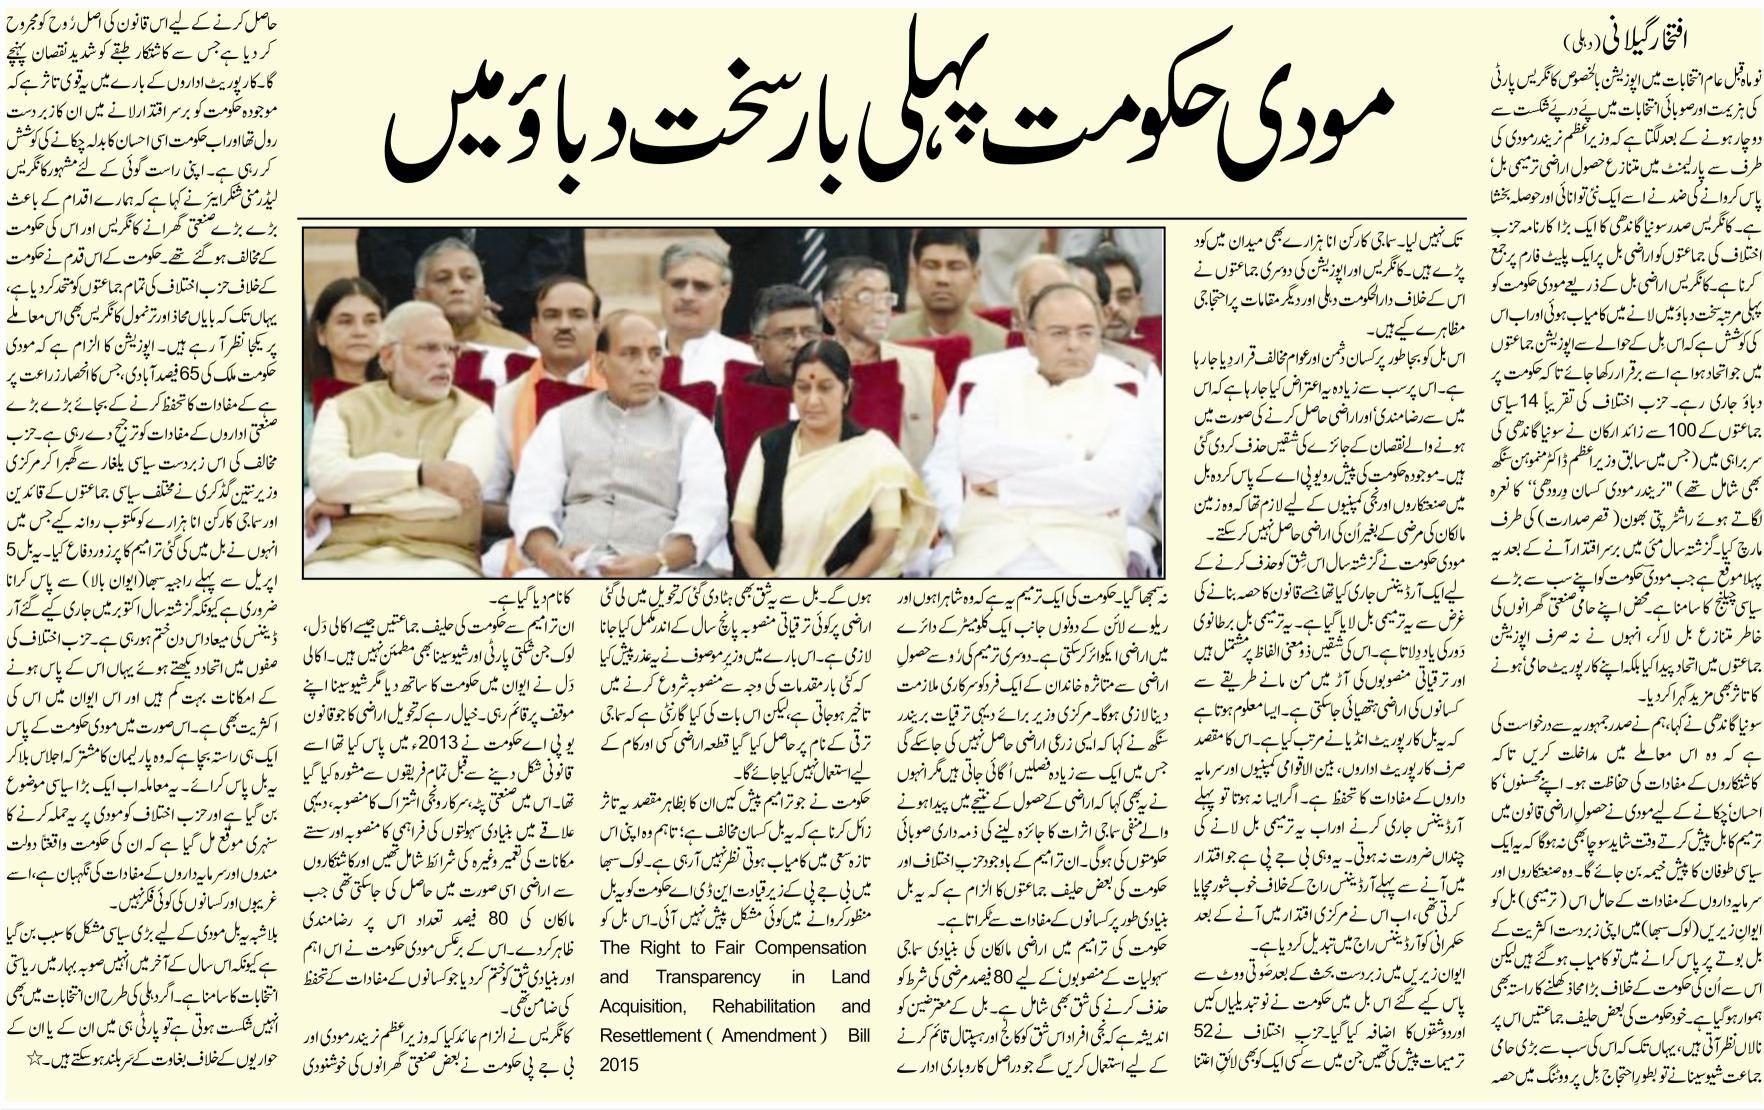 India's Leading Daily Urdu News Urdu news, Urdu news